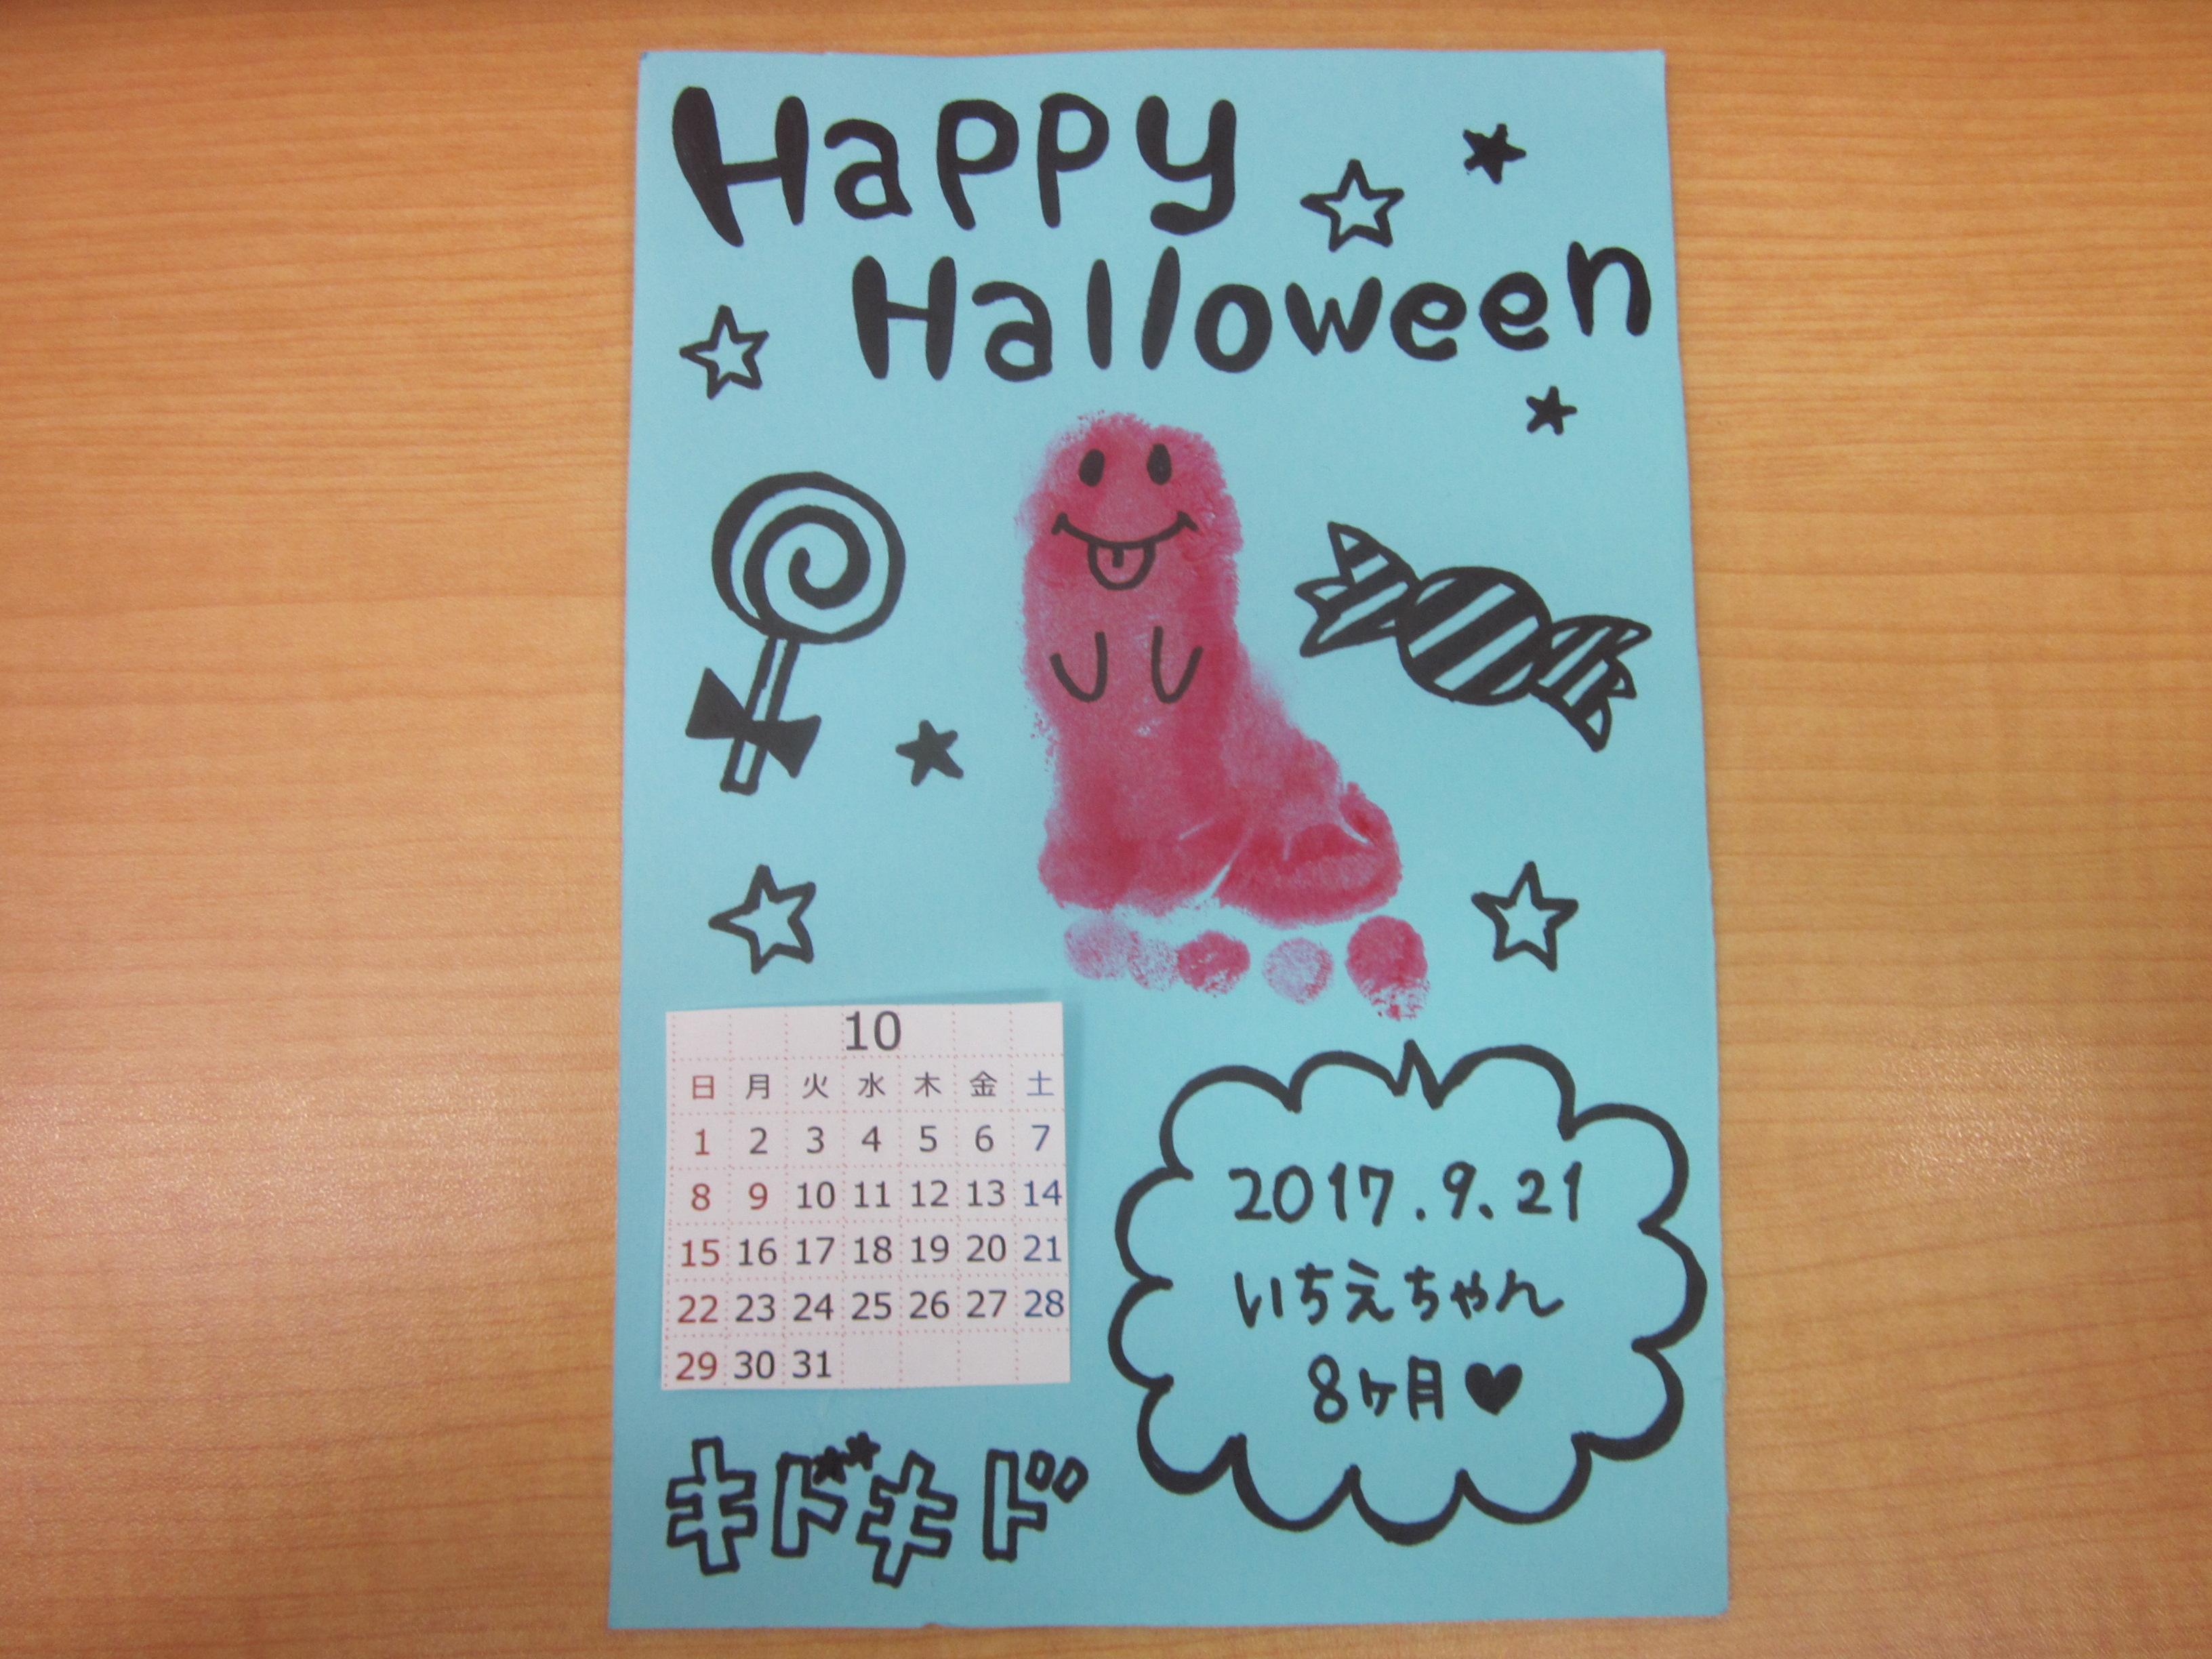 9月21日(木)赤ちゃんの日イベント「足形でカラフルおばけを作ろう!」を行います